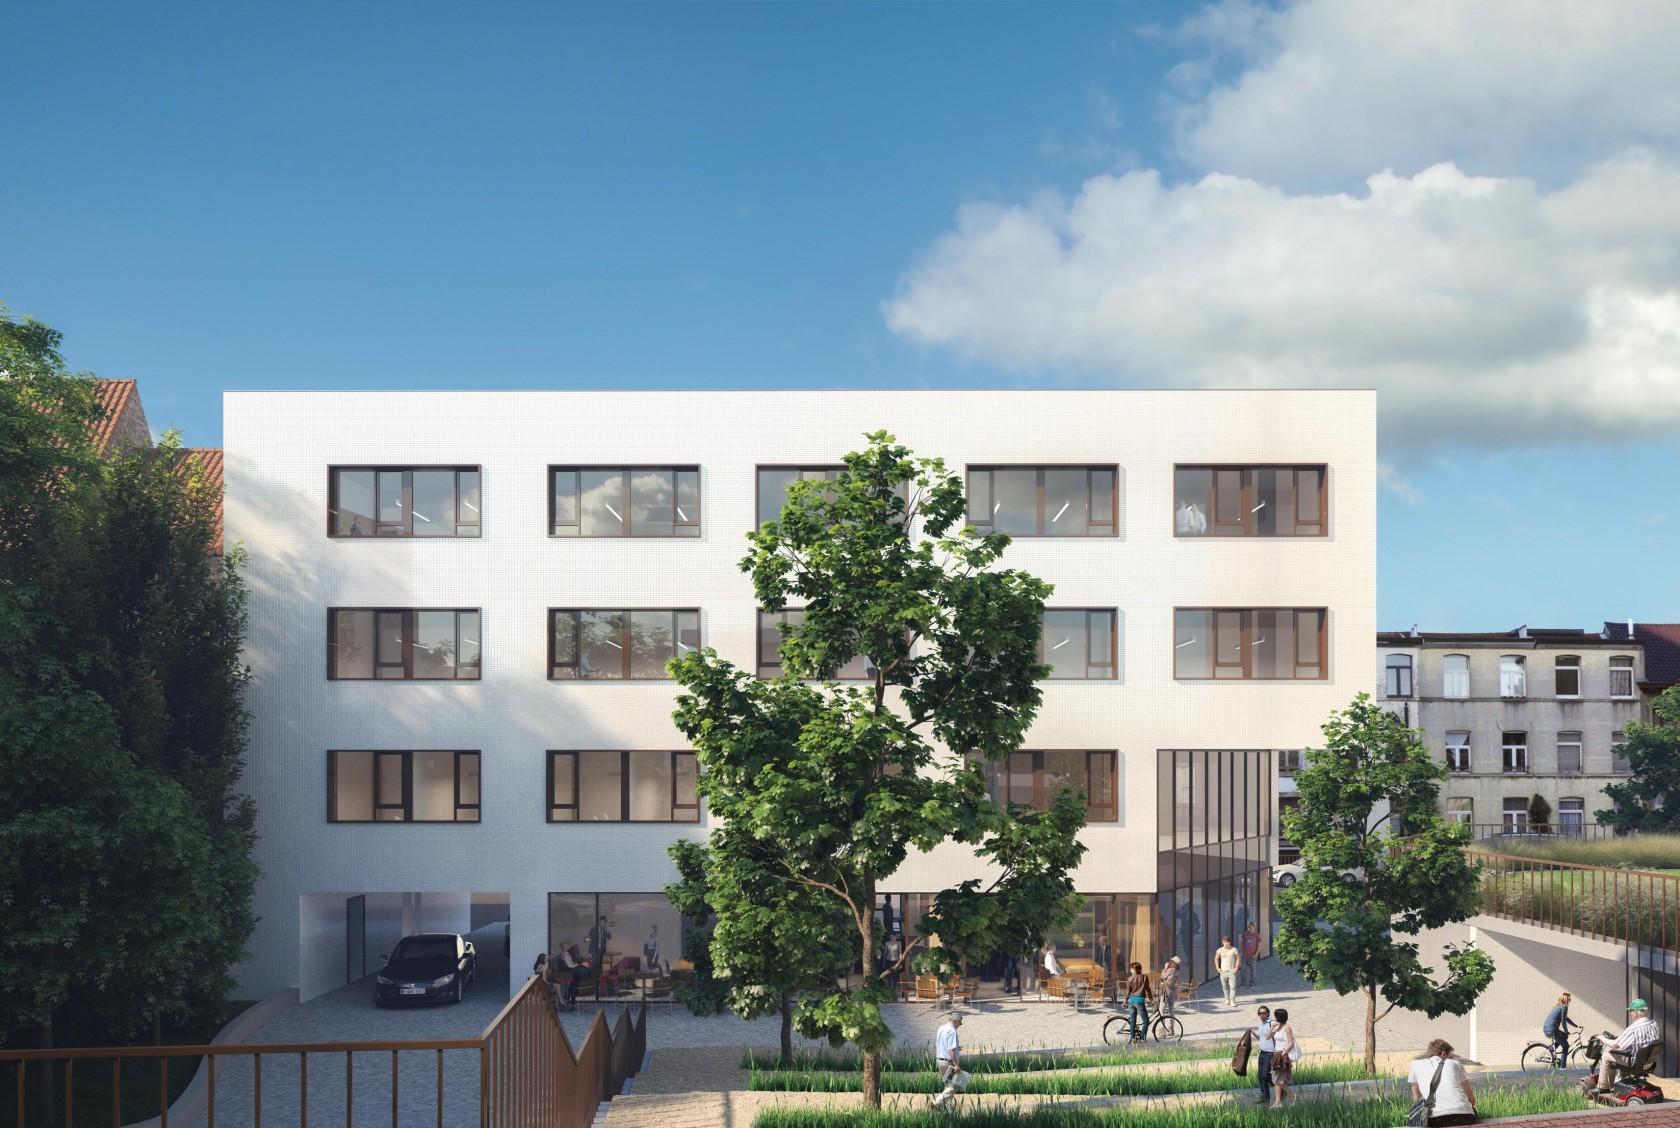 Abscis Architecten - Nieuwe publieke ruimte - visualisatie ARCHITENKO